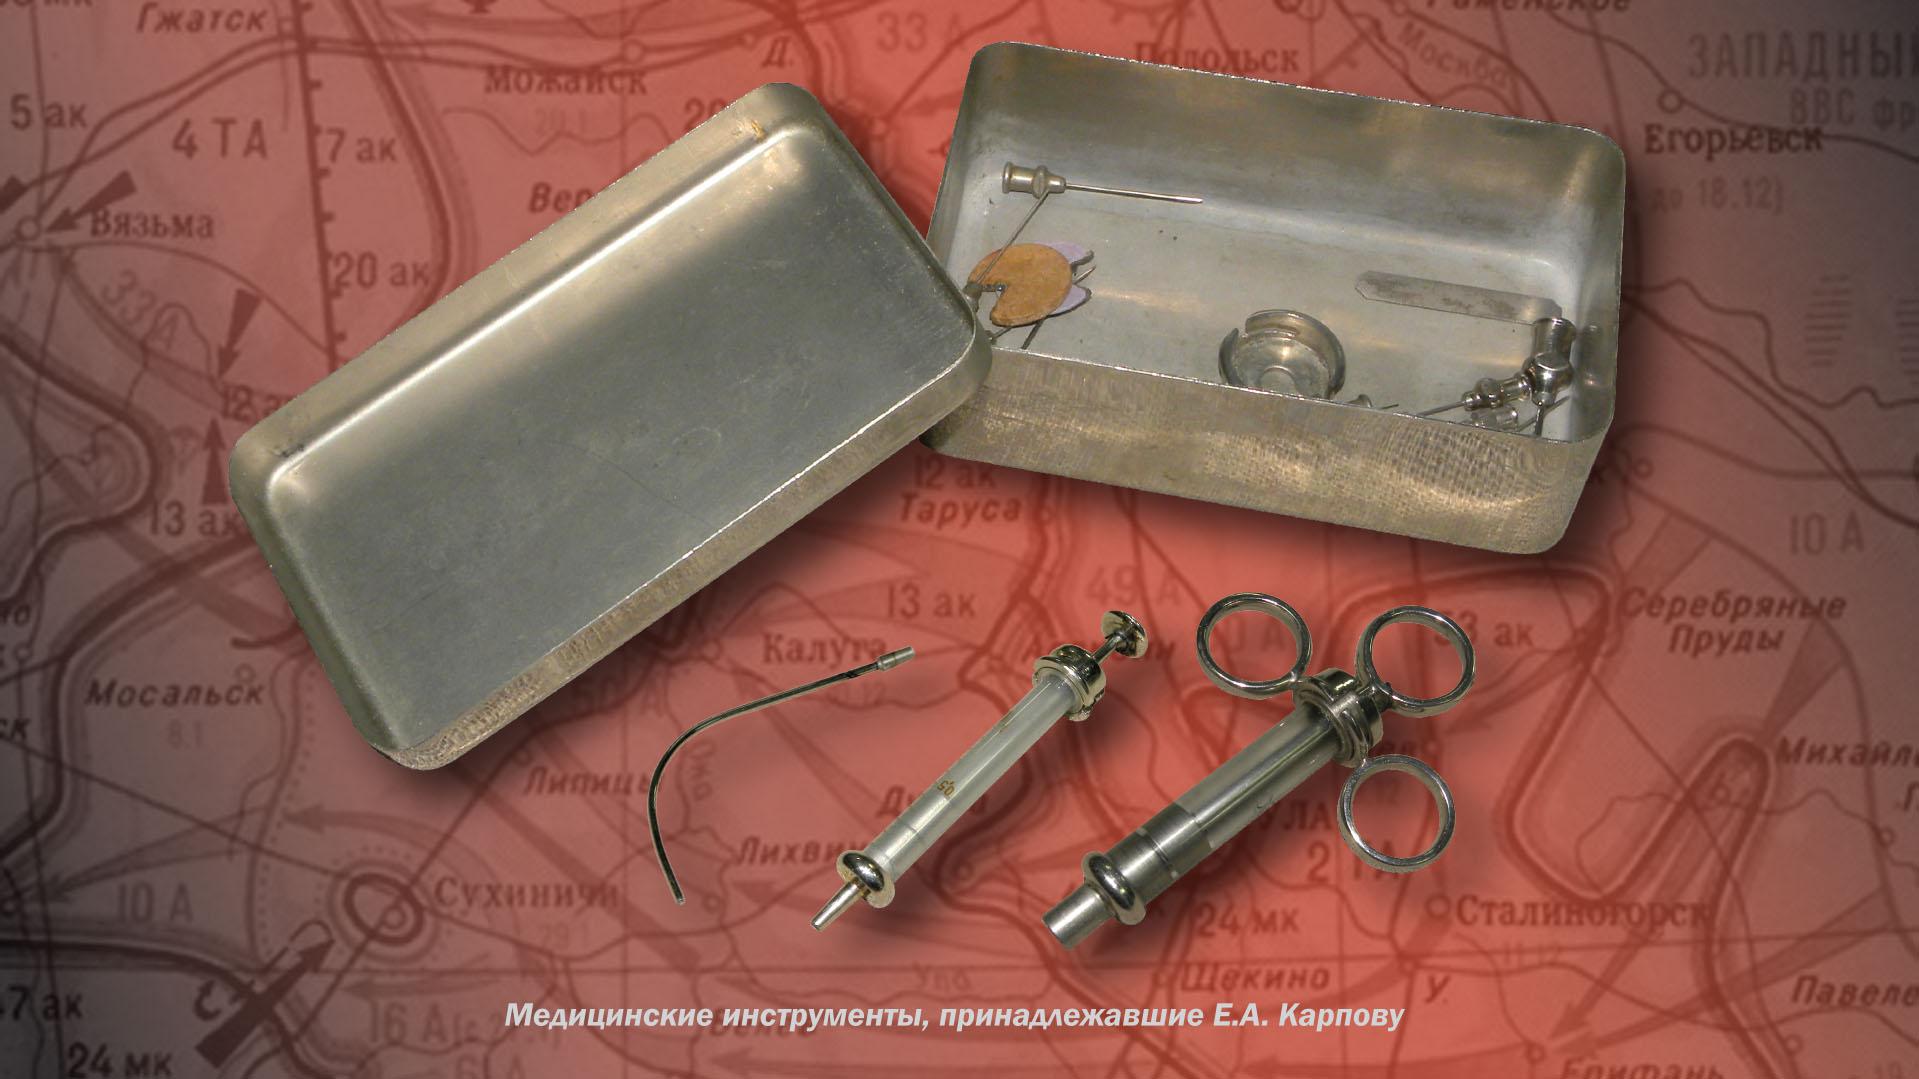 Медицинские инструменты, принадлежащие Е.А. Карпову